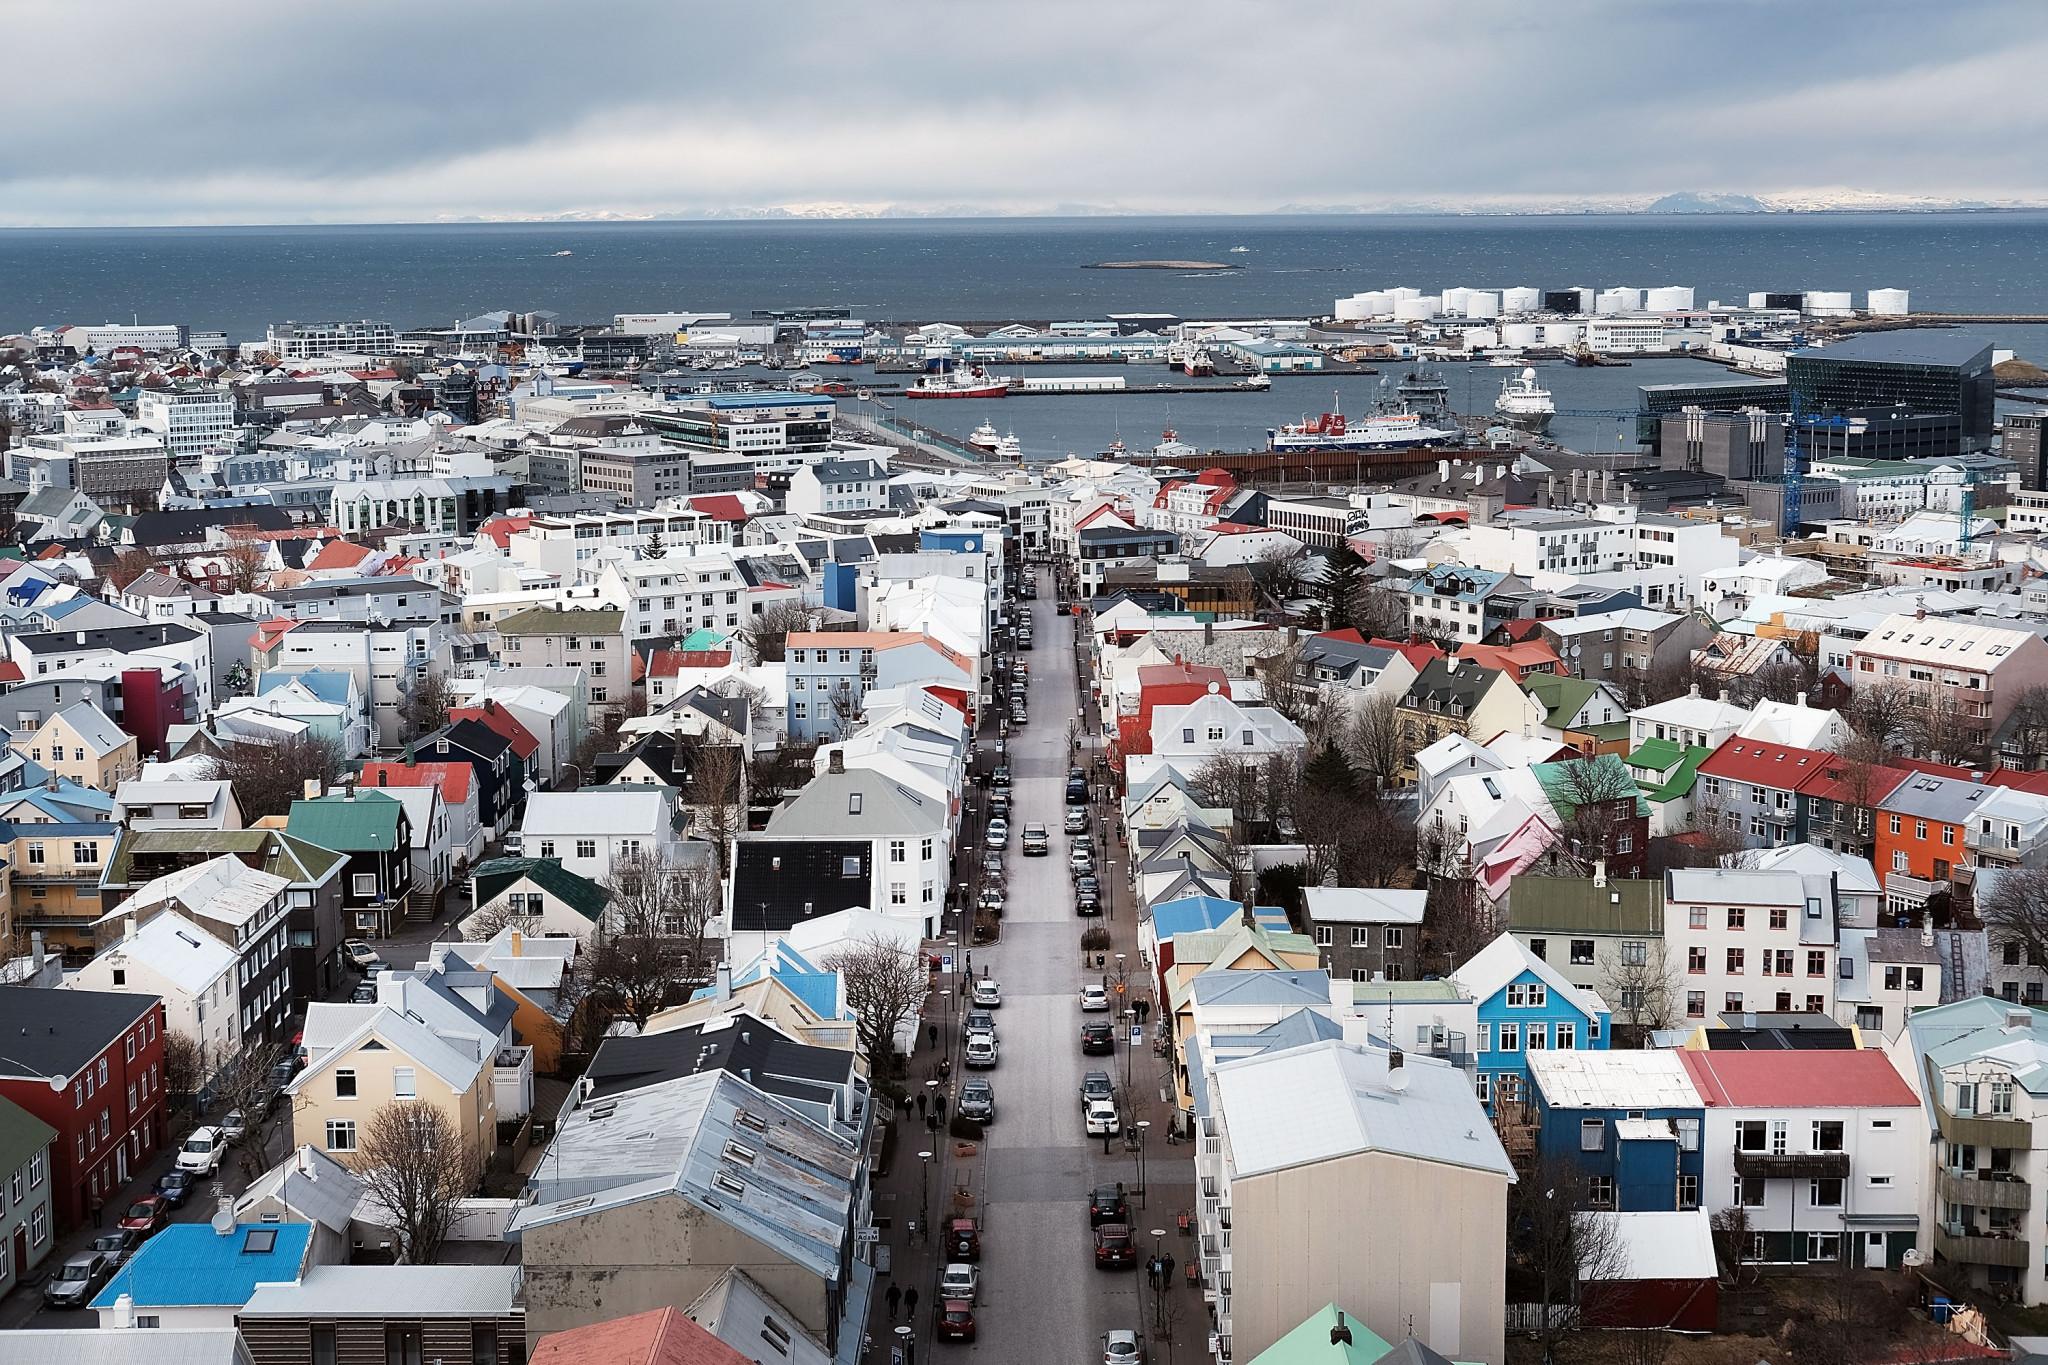 Na Islandiji je sedemdnevno povprečno novih primerov novega koronavirusa prvič več kot 100 © Getty Images